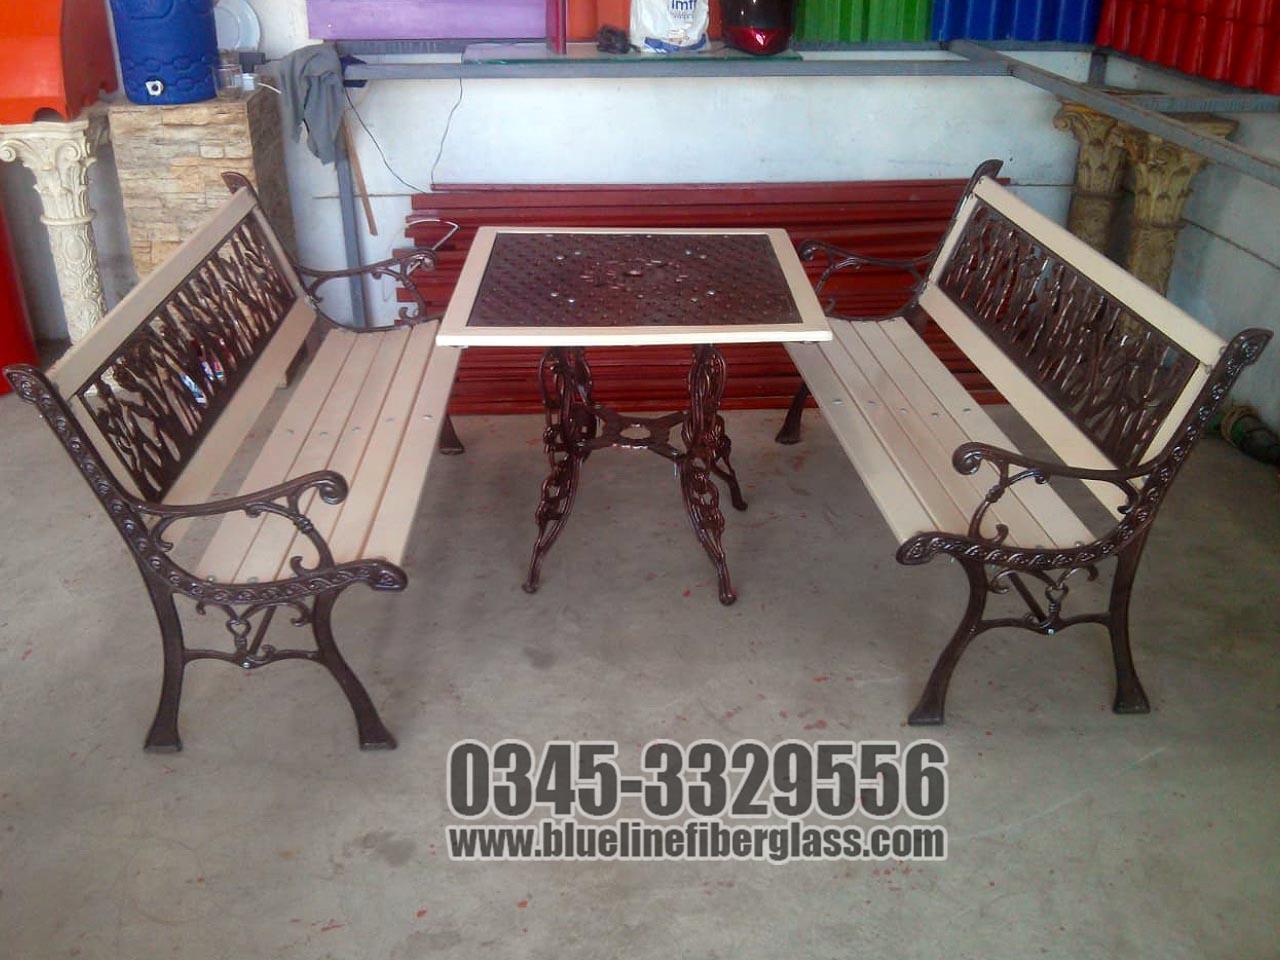 Garden Bench   Outdoor Furniture   Garden Furniture   Available Designs   Blue Line Fiberglass Karachi Pakistan